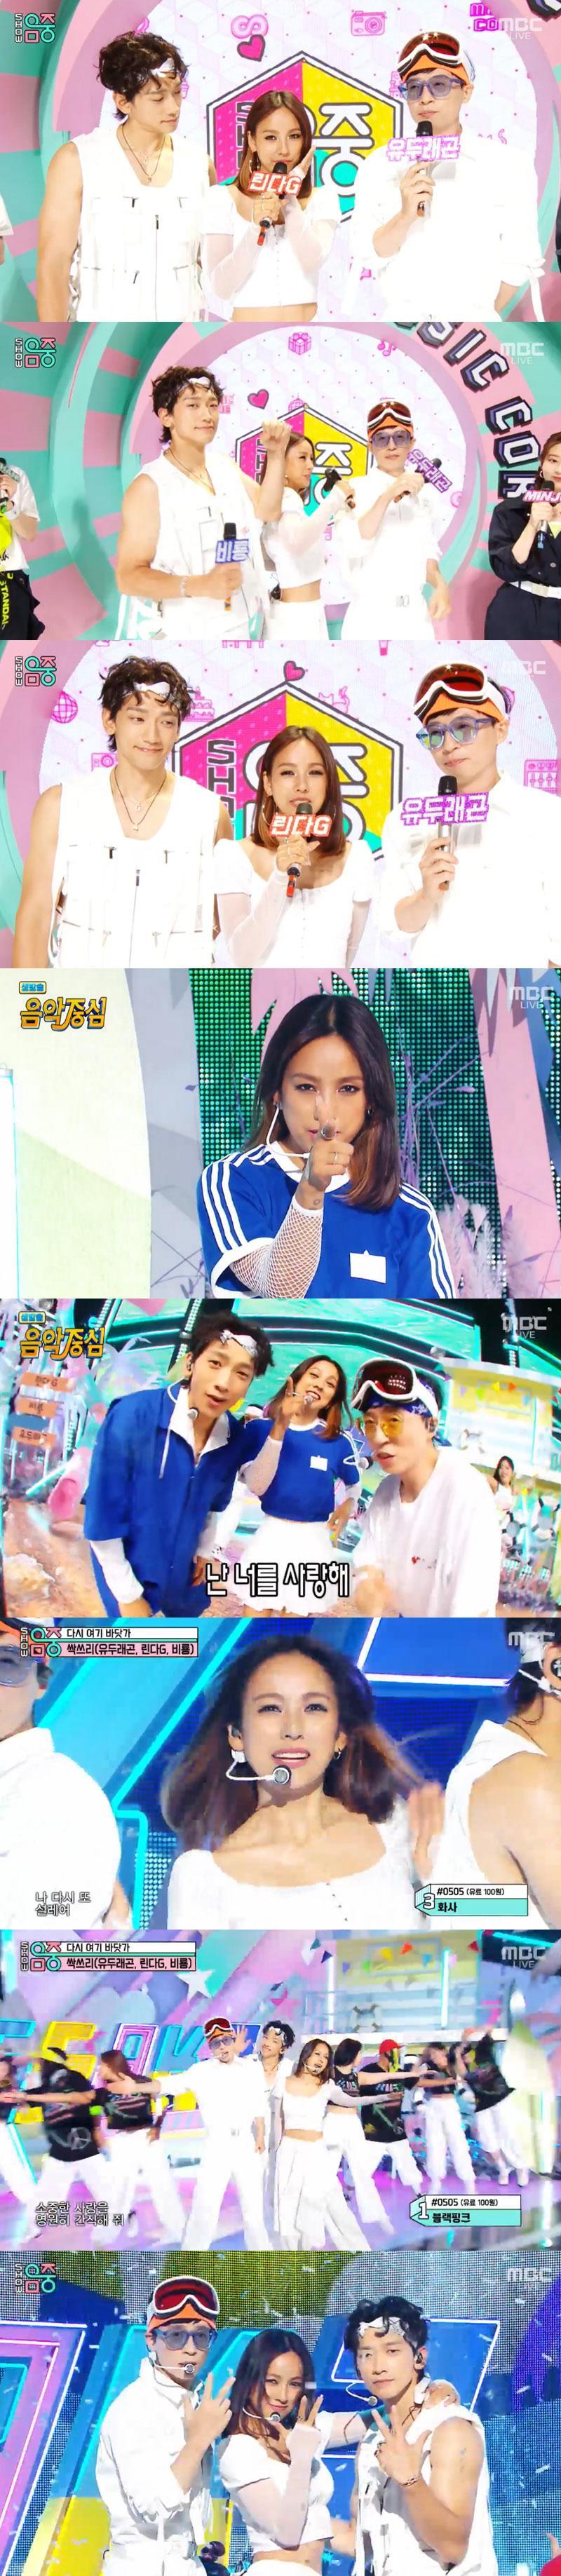 Bại trận trước Blackpink, Lee Hyori - Bi Rain tiếc nuối nhưng rạng rỡ chúc mừng đối thủ: Xem sân khấu của Jeon Somin, Lee Hi và Red Velvet Ảnh 3